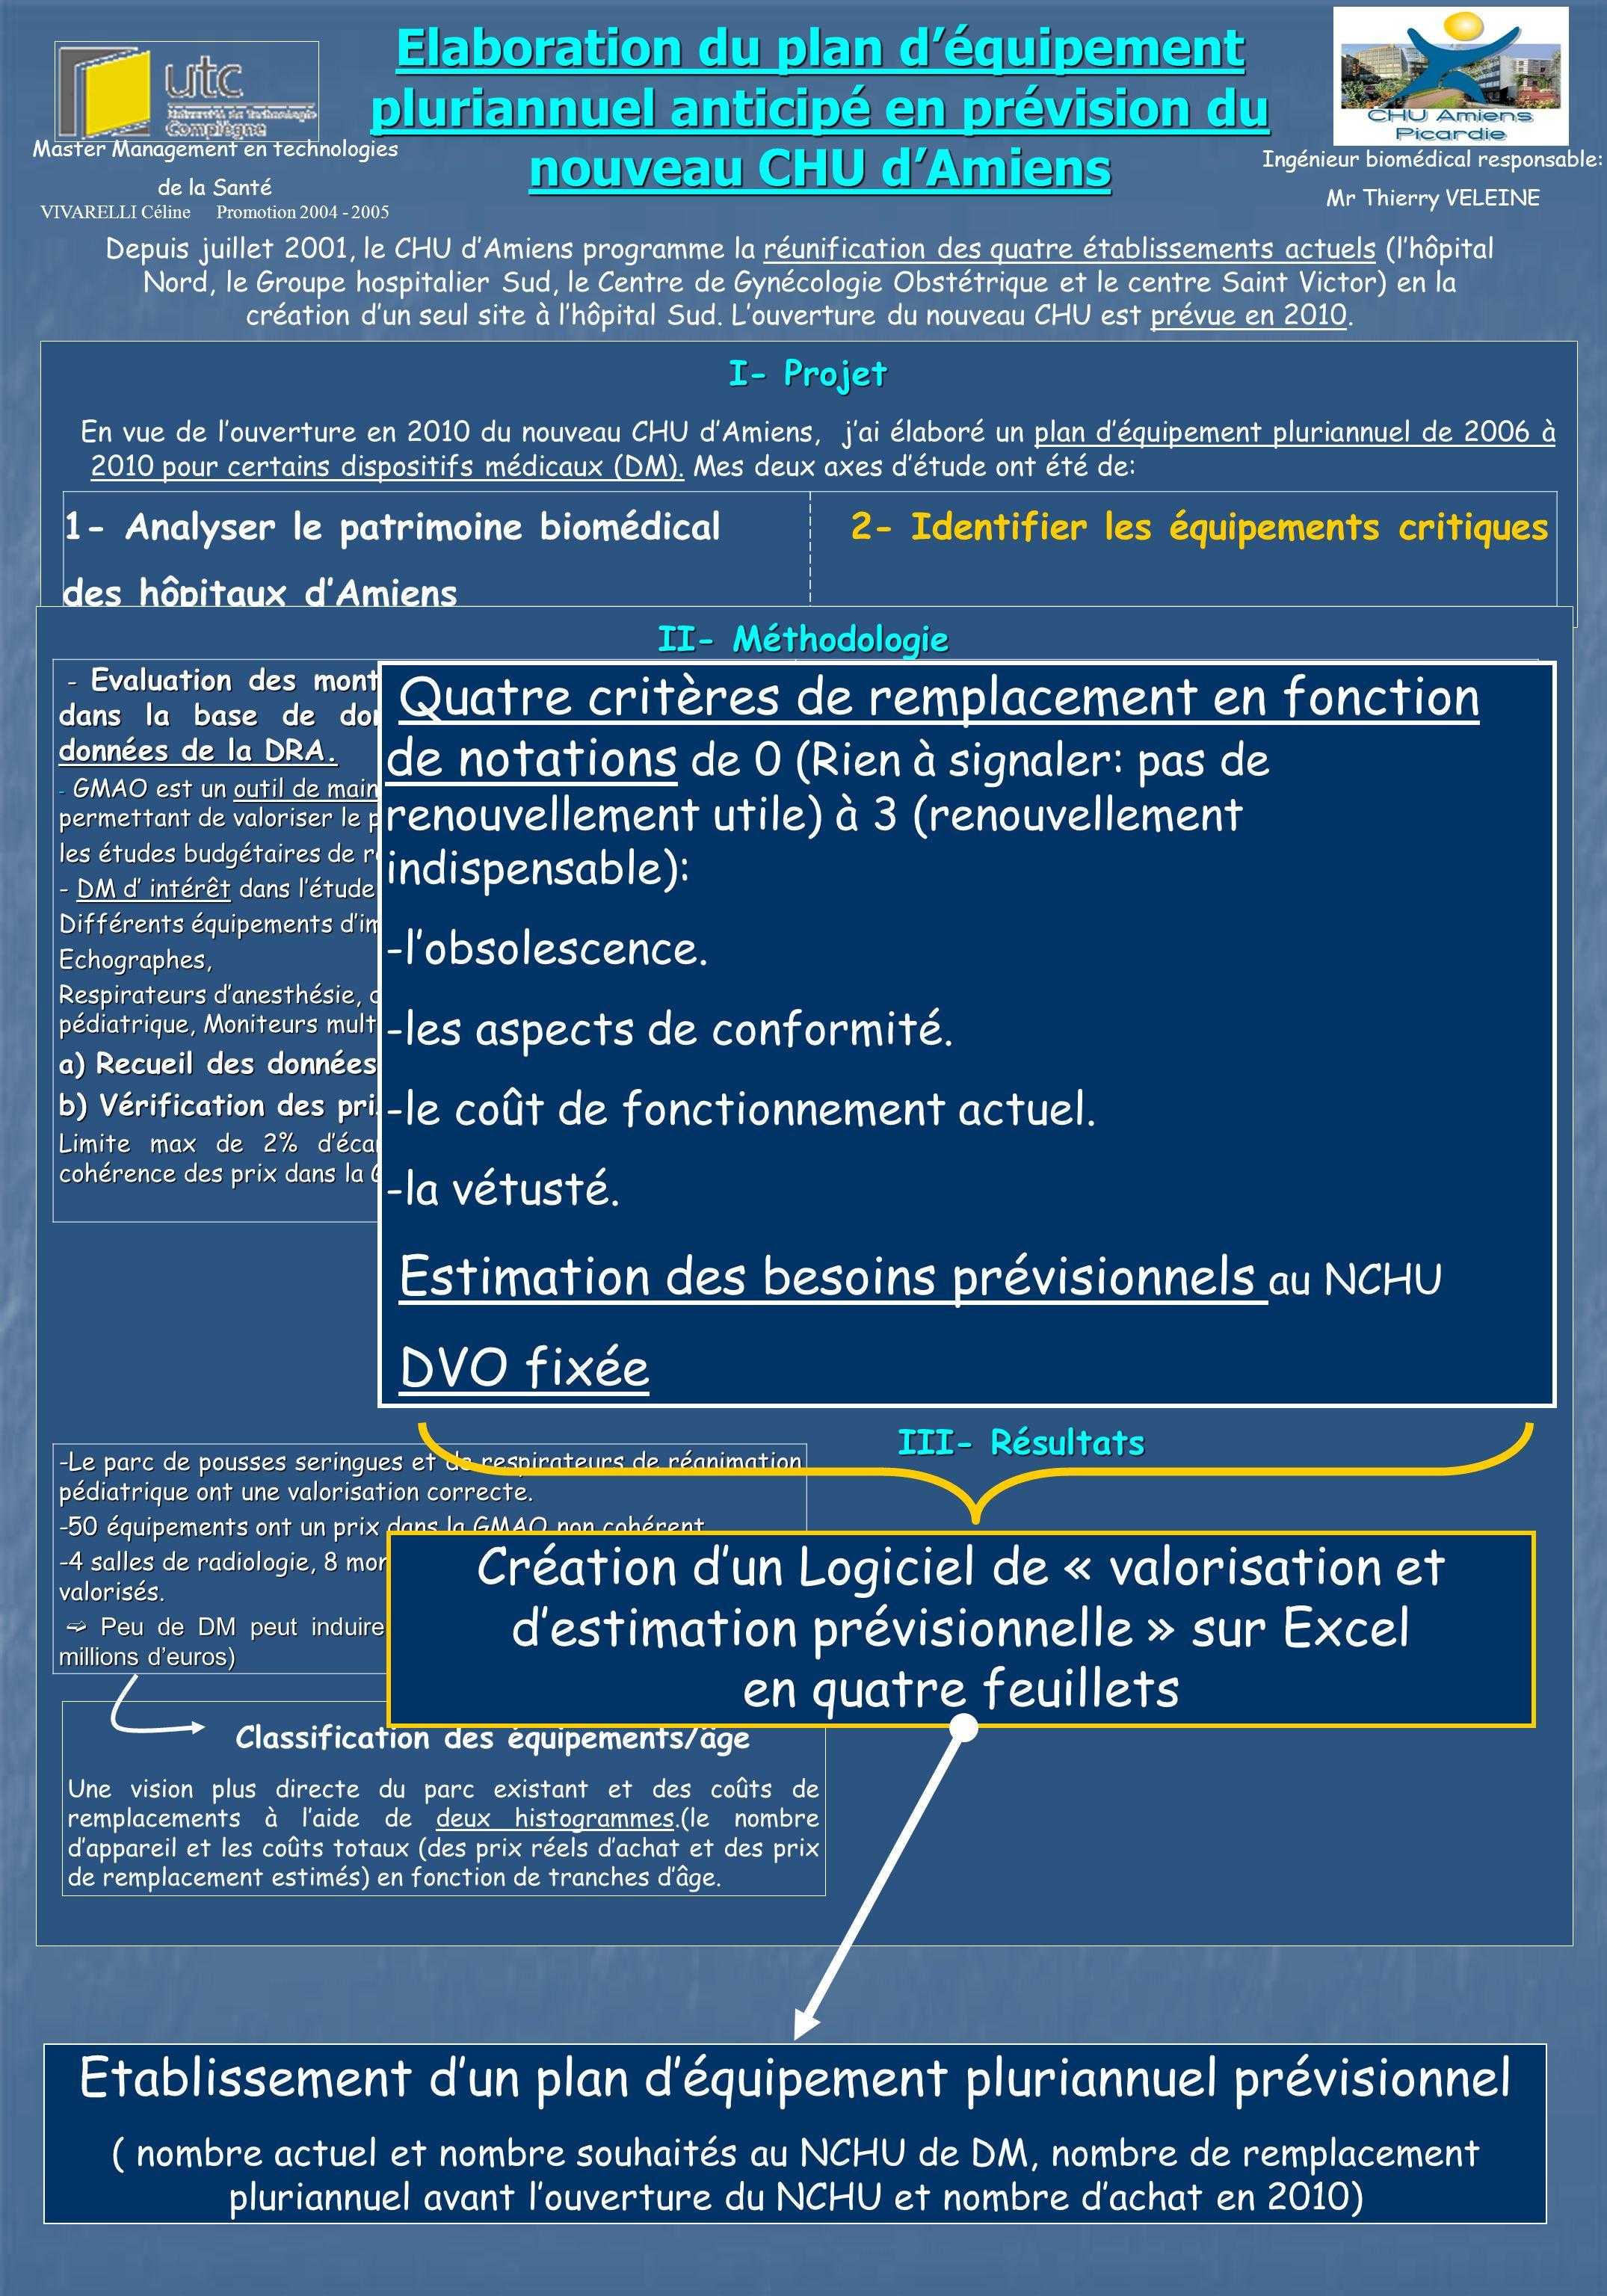 Classification des équipements/âge